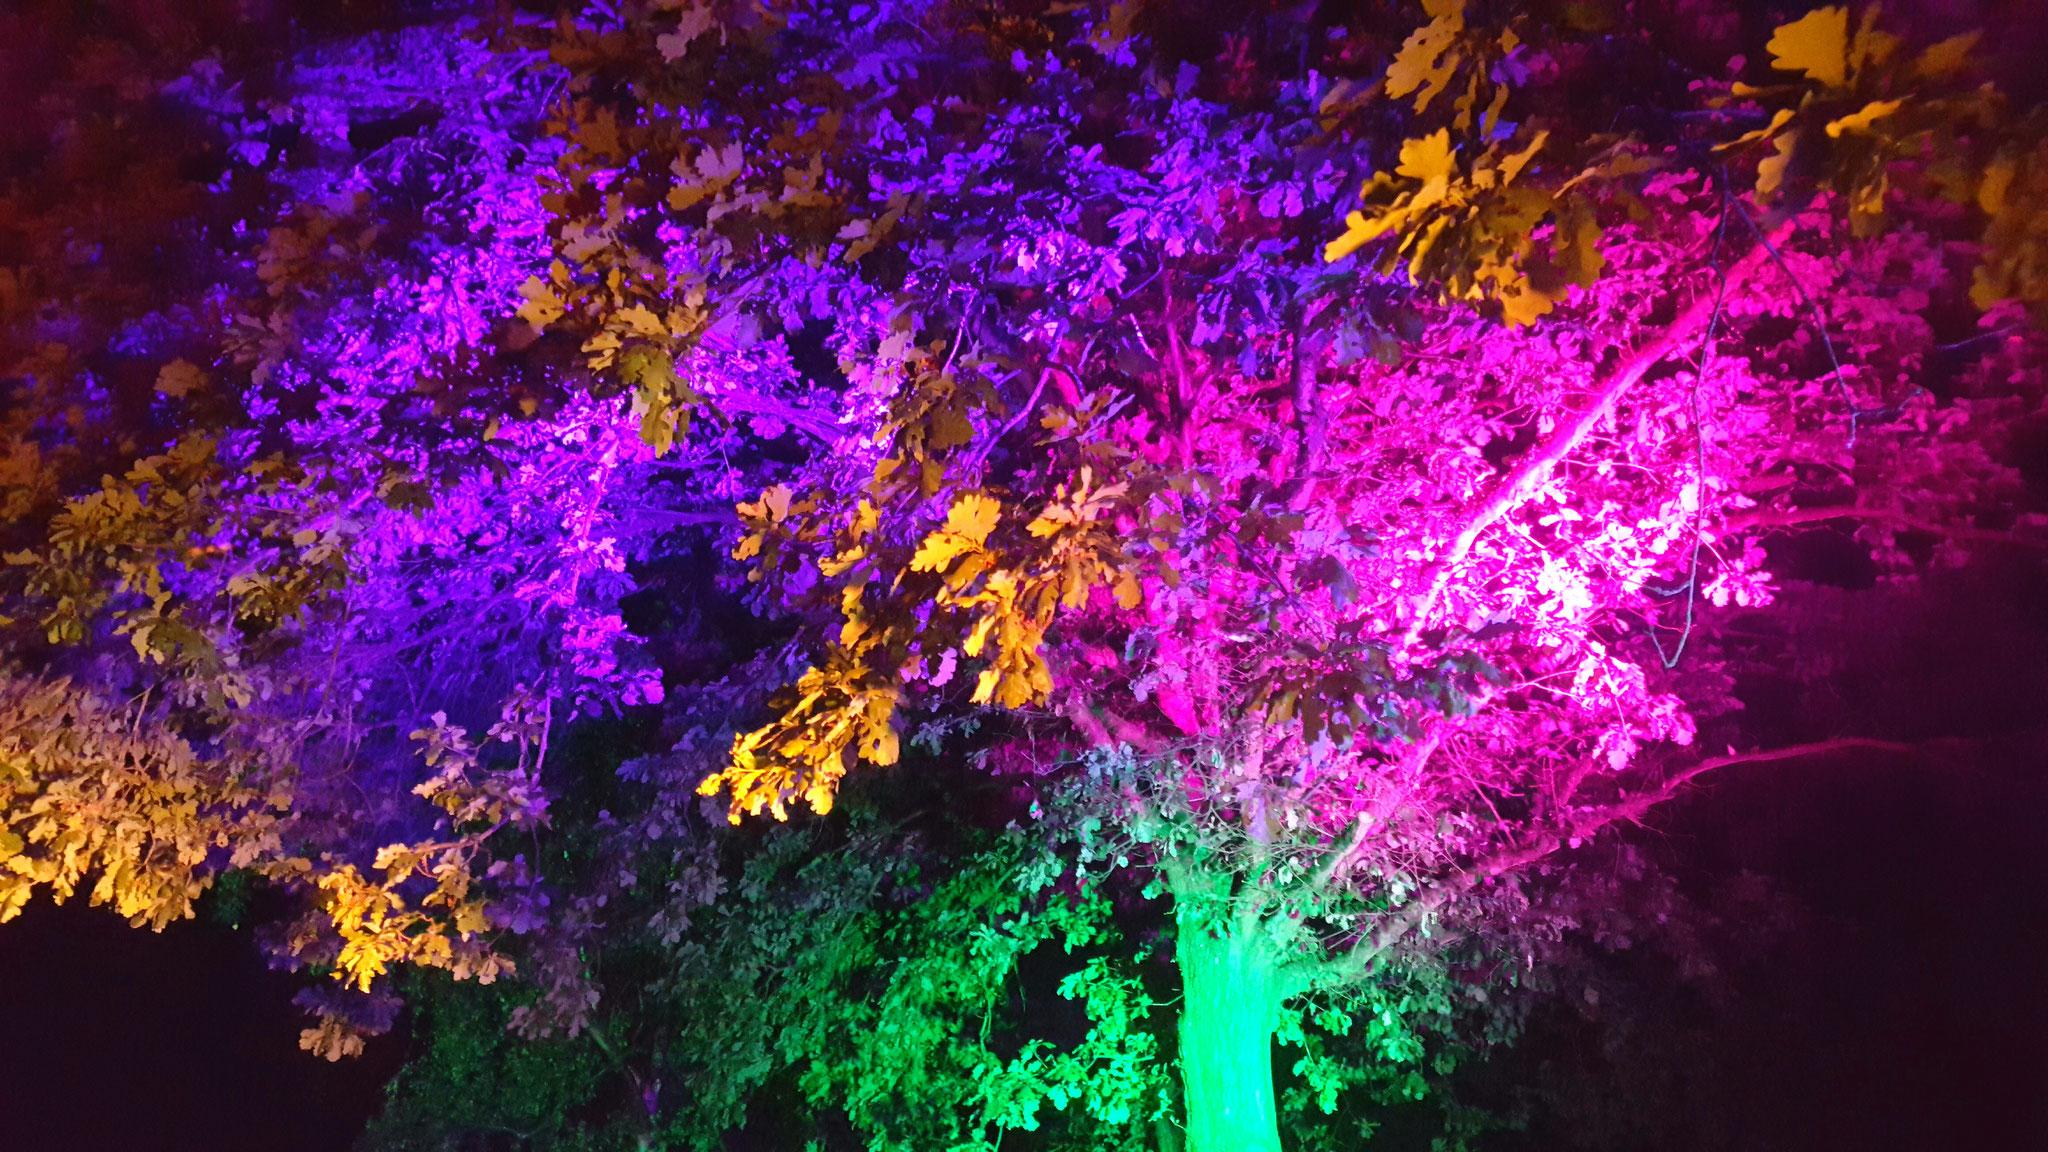 Lichttechnik mieten in Bonn. Hier beleuchten LED Scheinwerfer Baumkronen